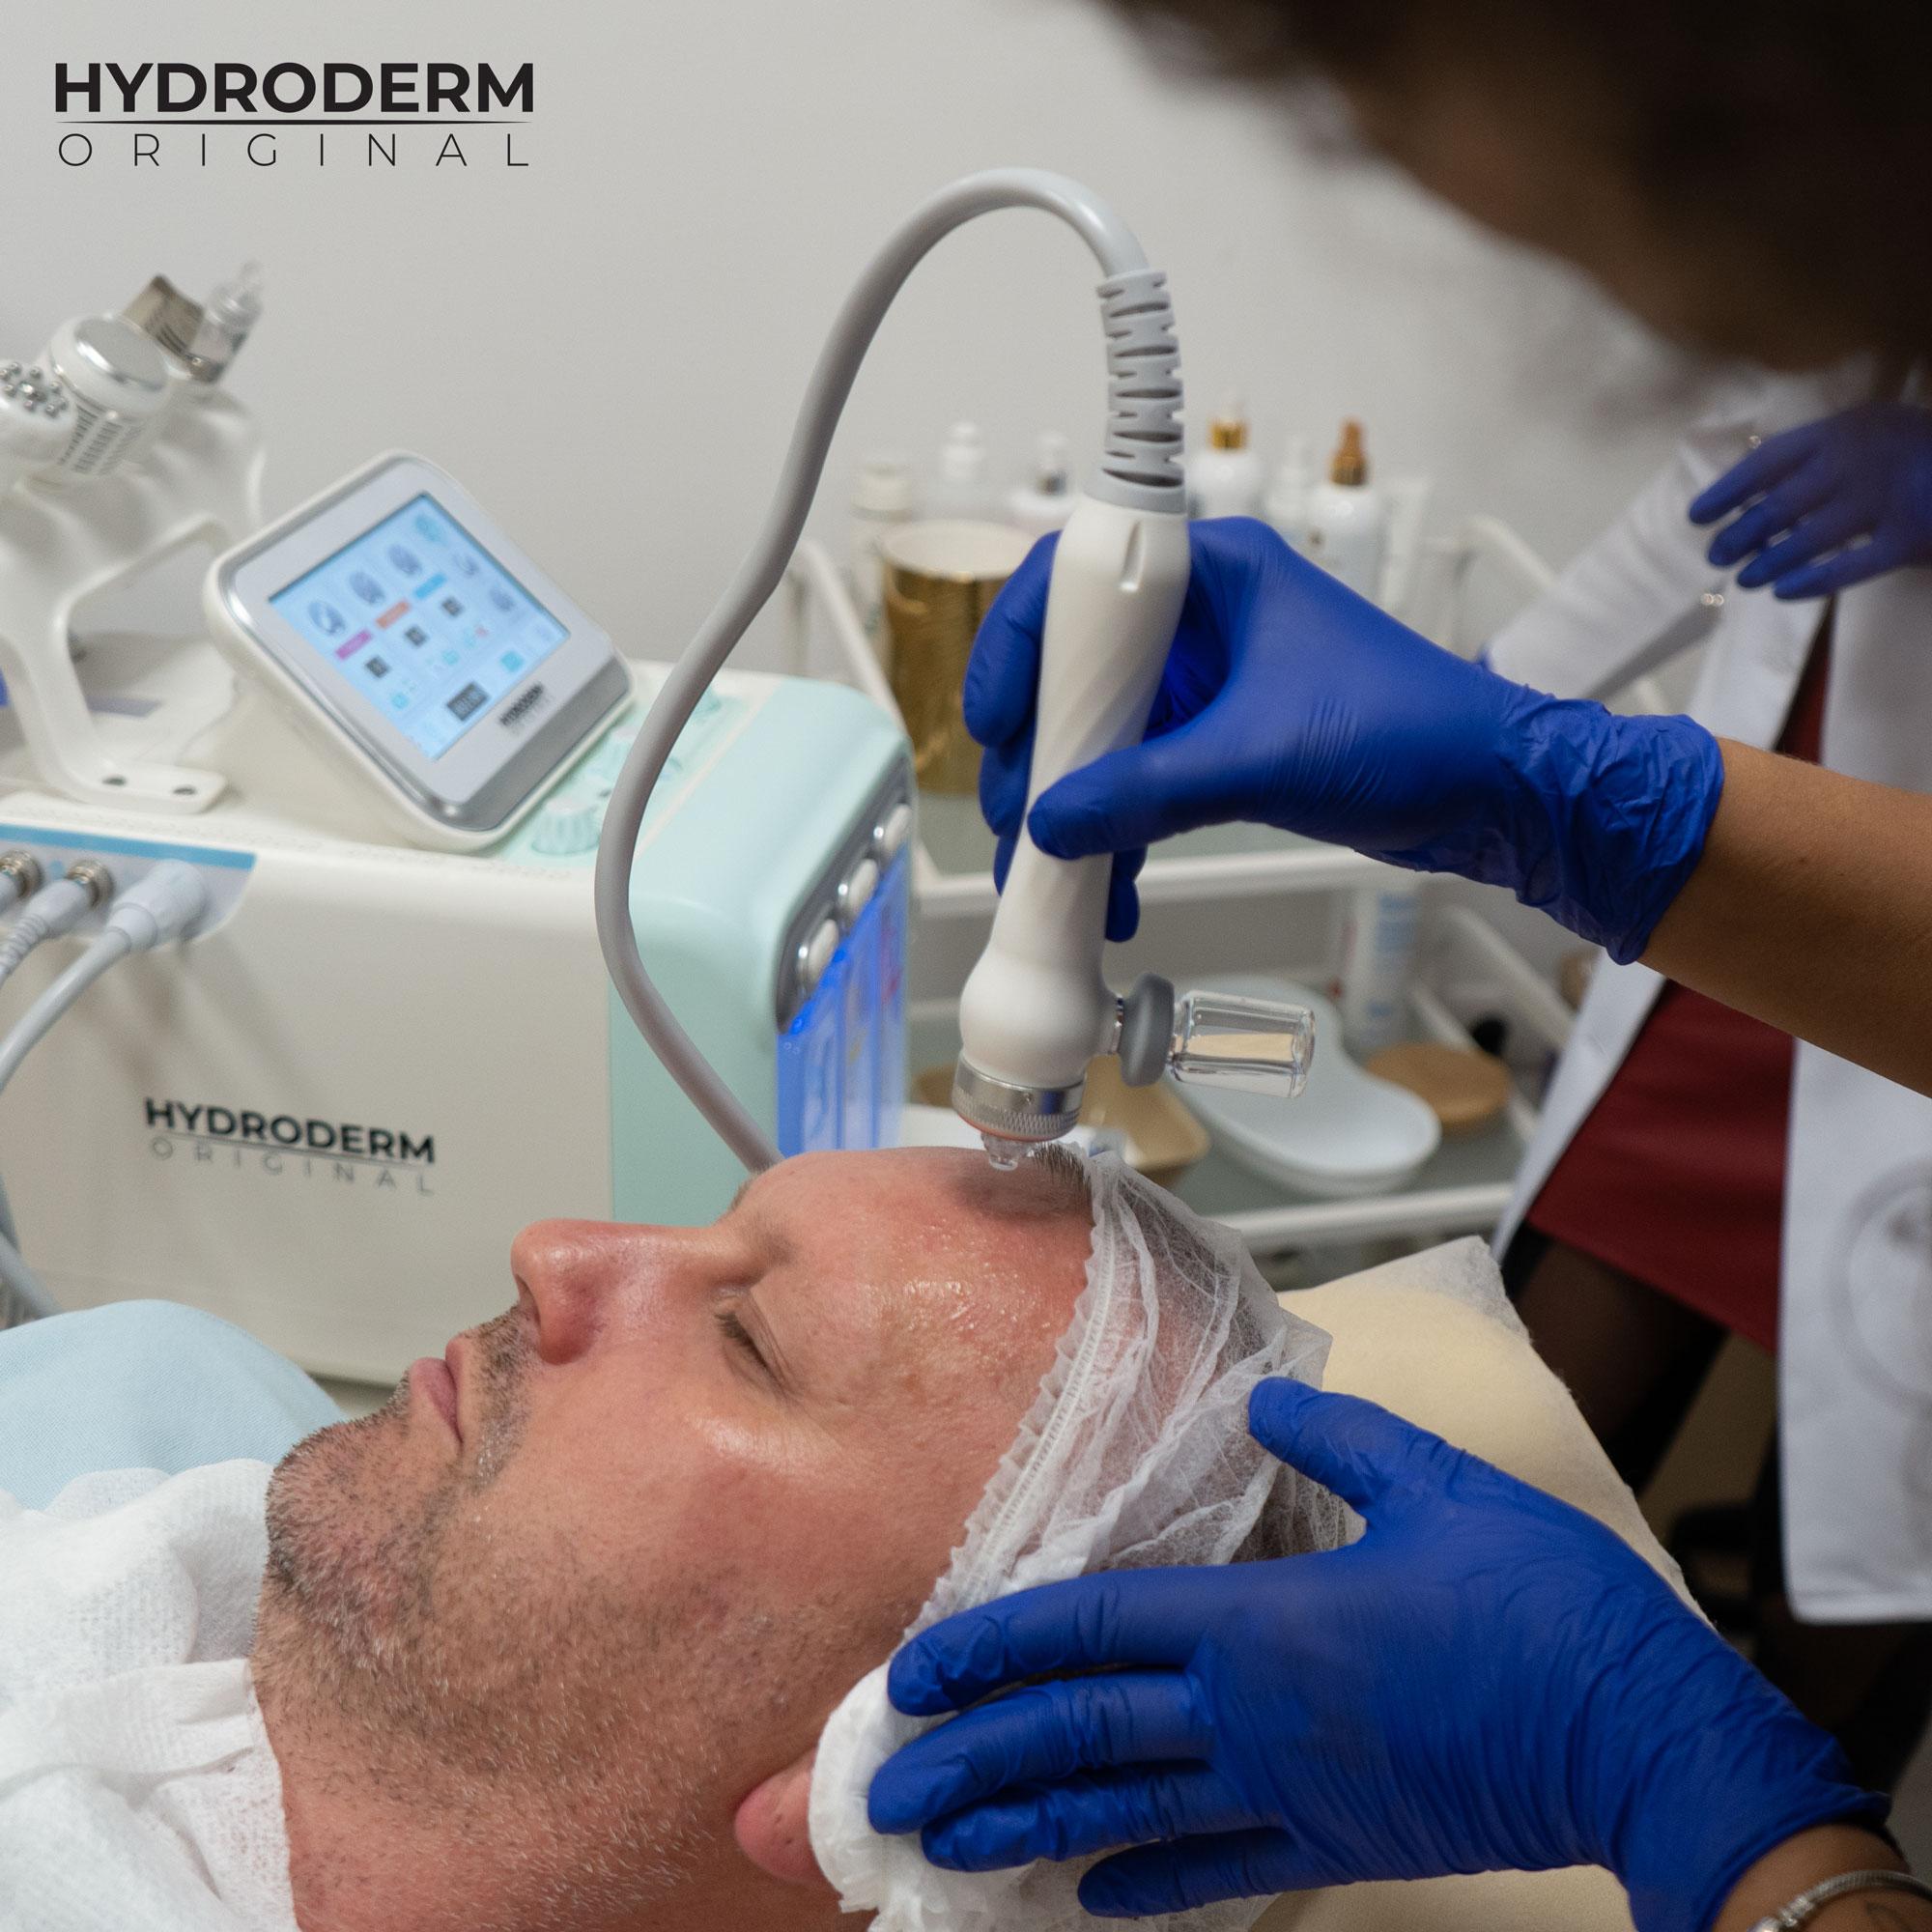 Hydroderm 9w1 Original to komabjn, który pomoże Ci usunąć problemy skórne, takie jak trądzik, przebarwienia czy cera naczynkowa